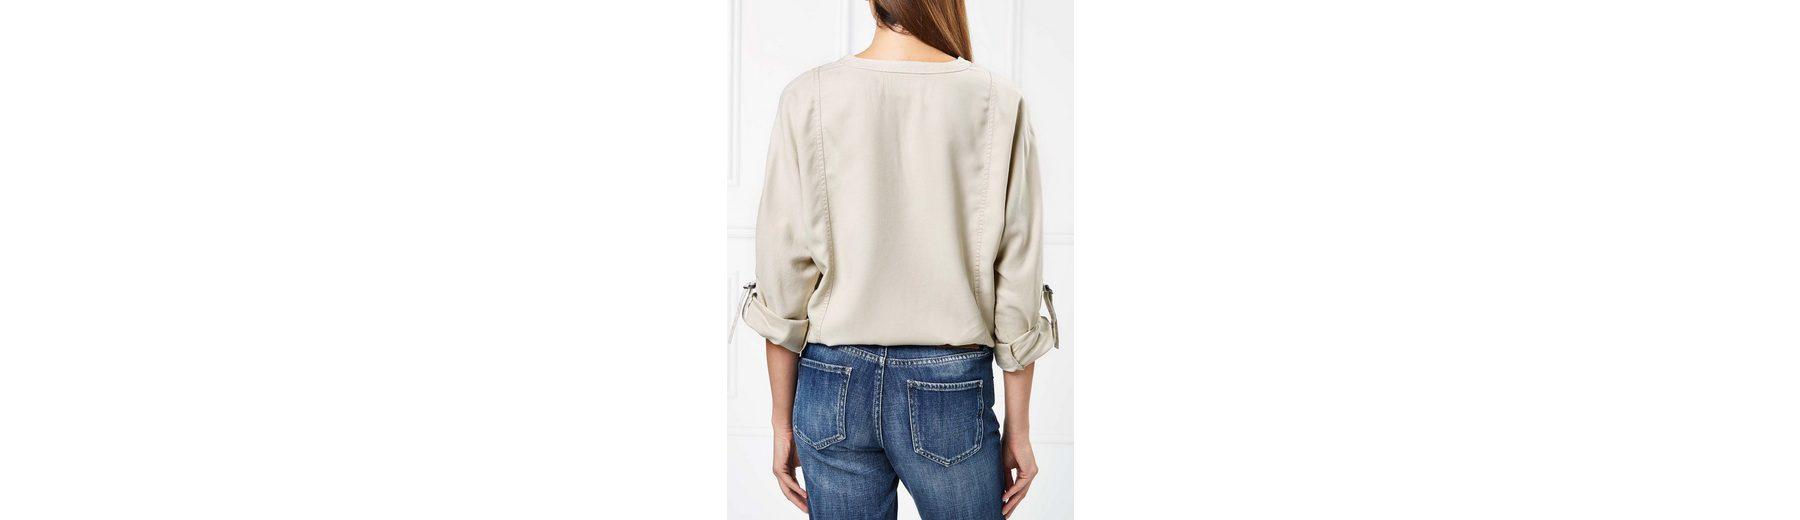 Verkauf Erstaunlicher Preis Neue Version Next Lyocell-Bluse Erhalten Zu Kaufen Low-Cost Online jSrV2ZnZv